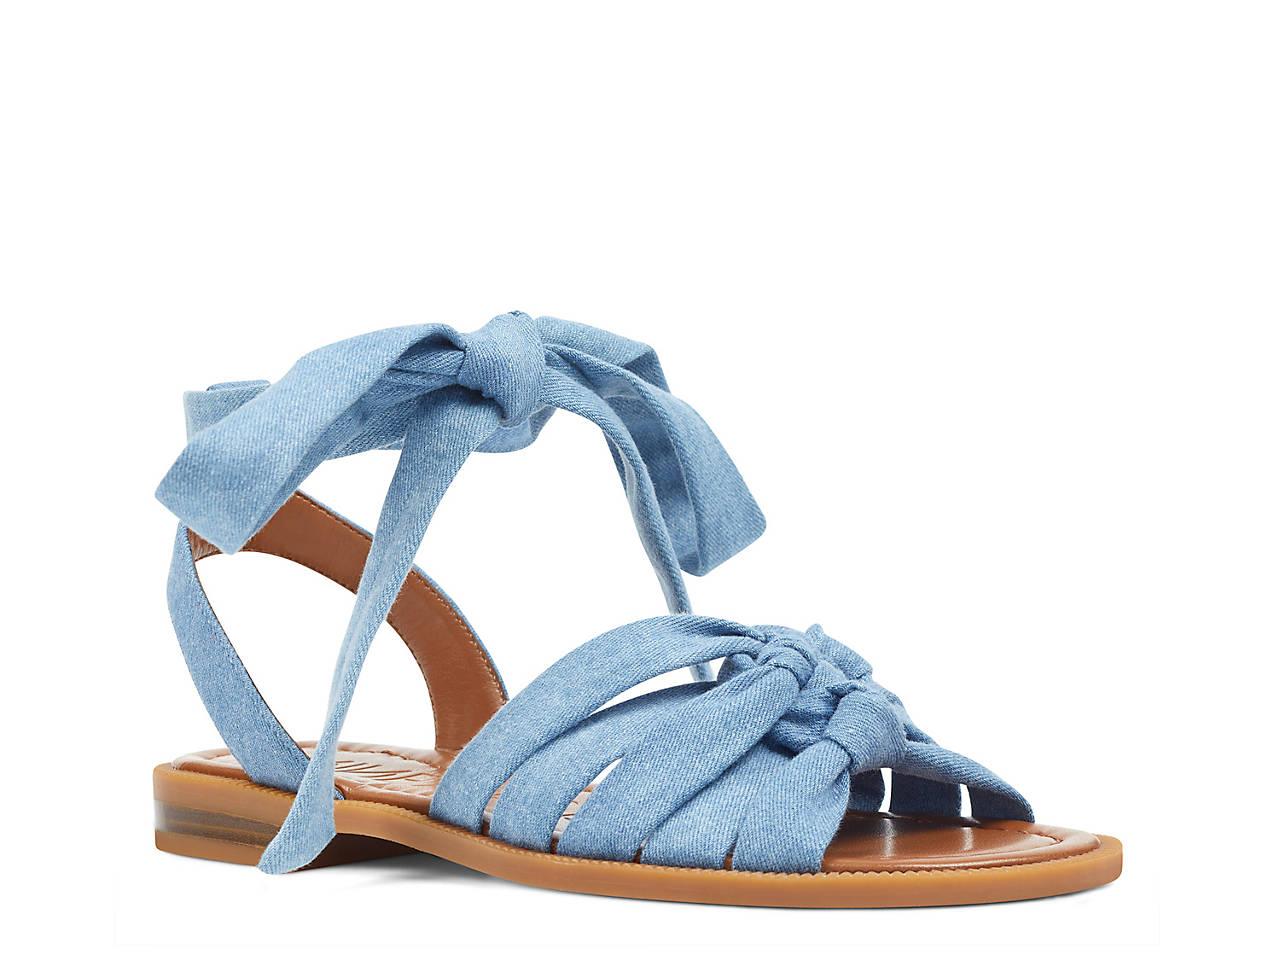 Xameera Sandal by Nine West